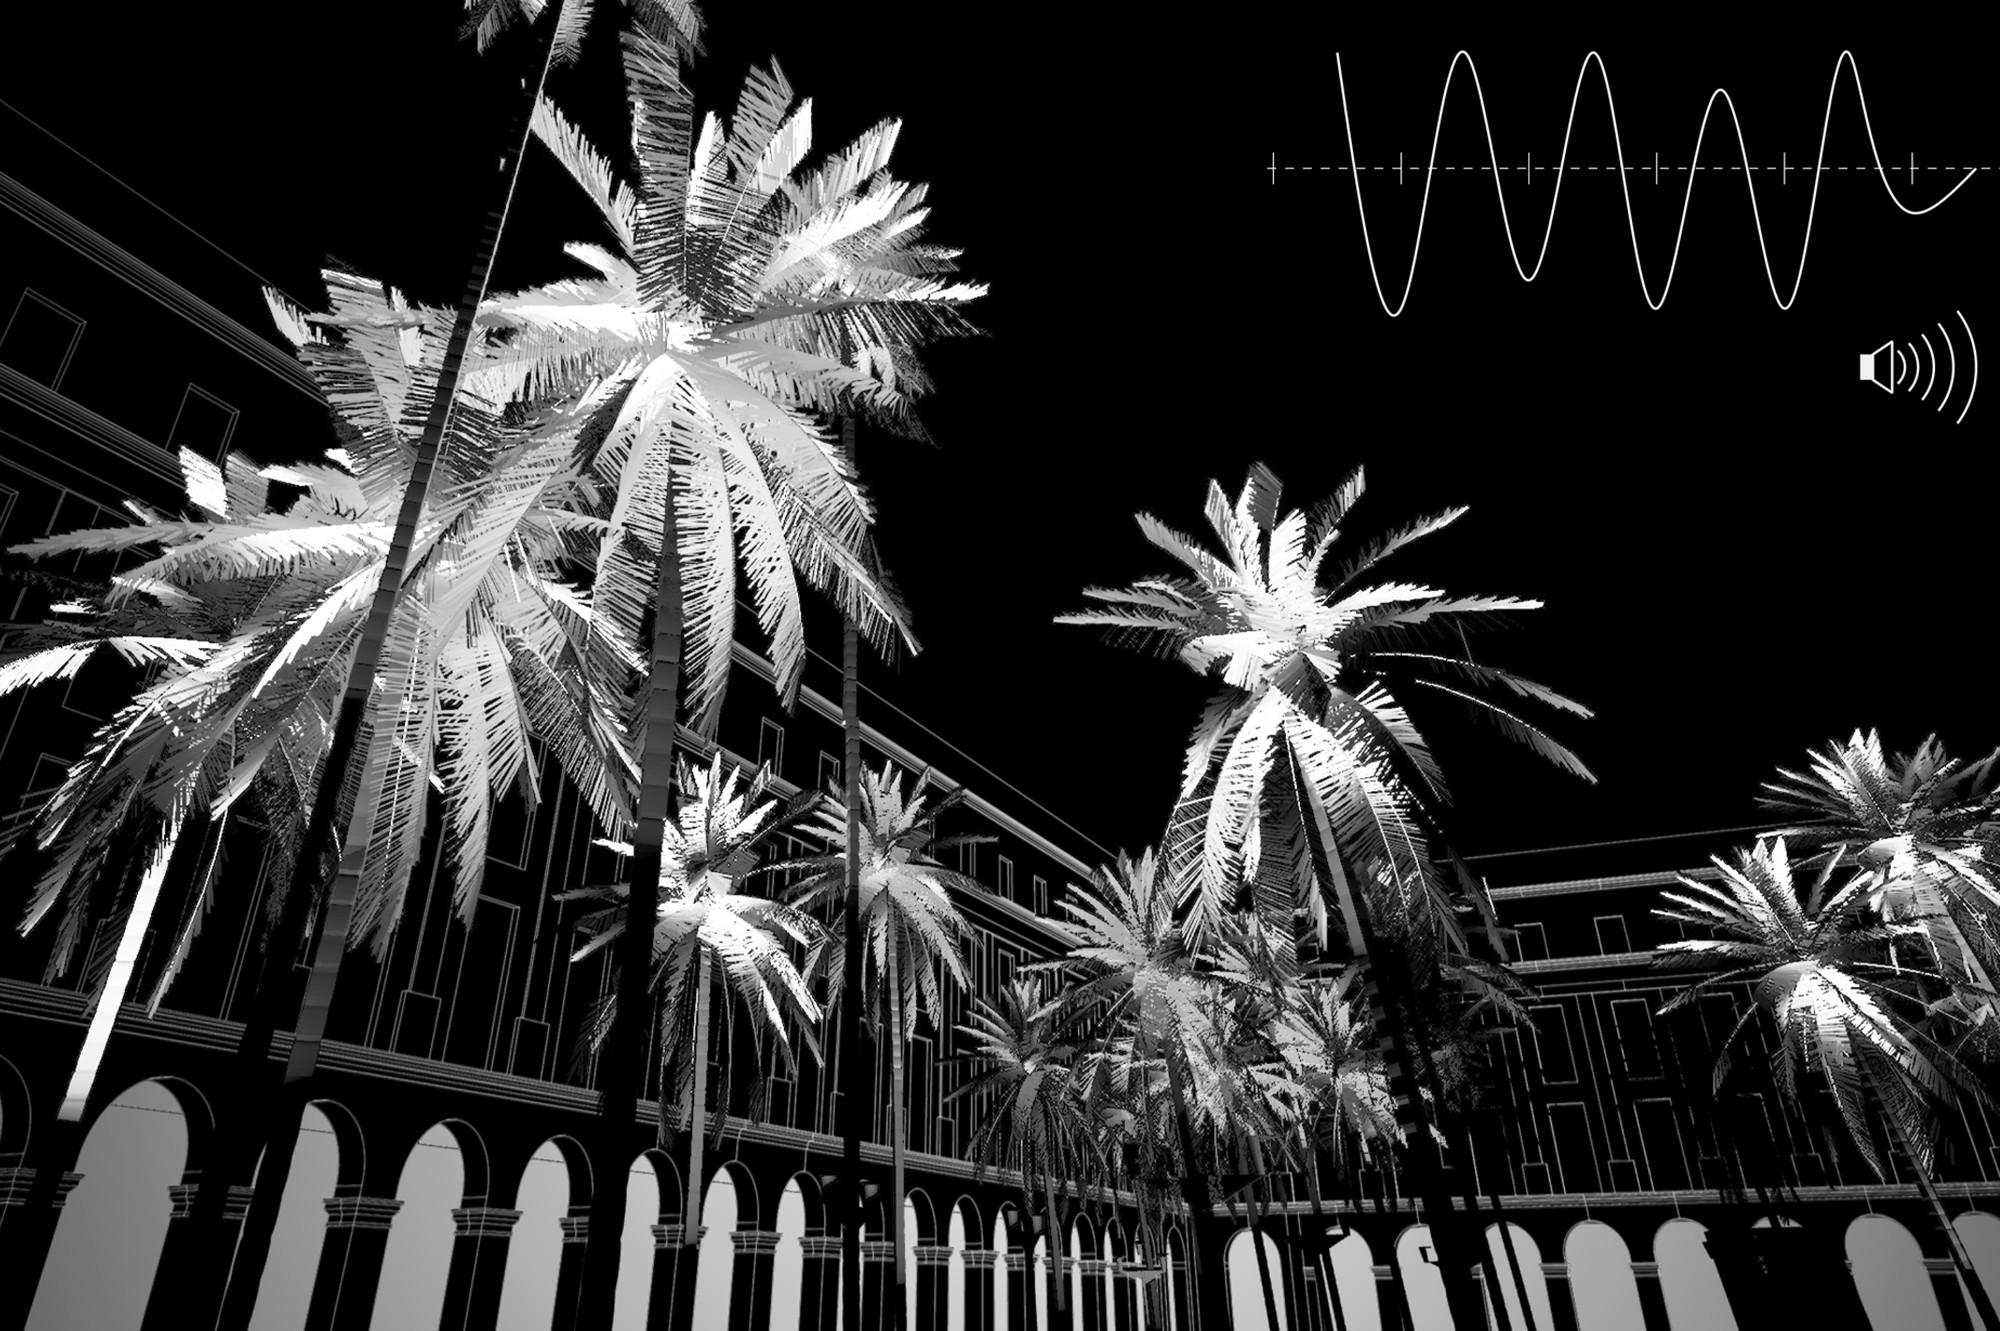 25 propuestas seleccionadas y 1 propuesta ganadora para la iluminación en la Plaza Reial de Barcelona: PALMERES por Pablo Martinez , © Cortesía de Llums